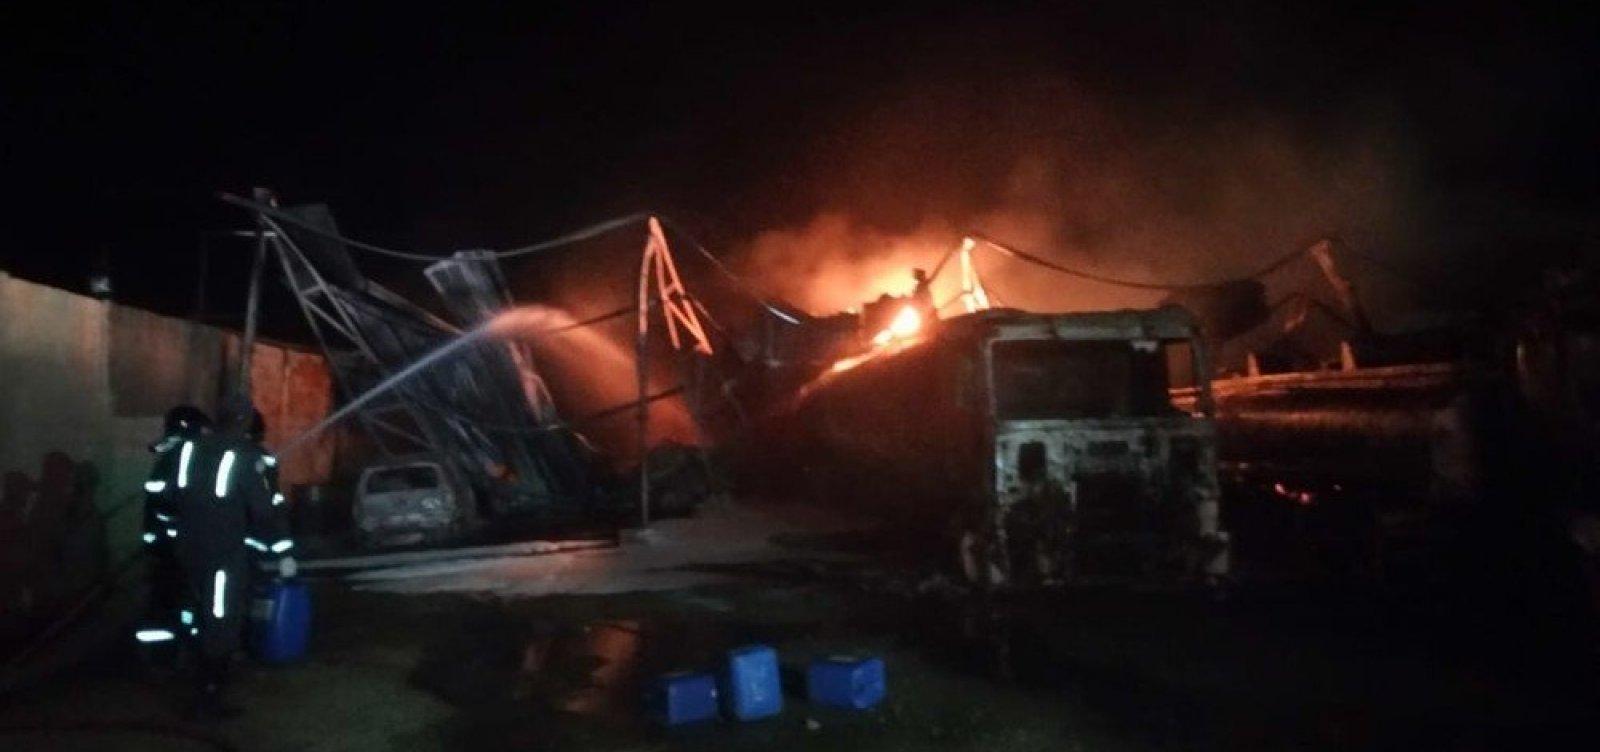 Polícia investiga distribuição ilegal de gasolina adulterada em local de incêndio em Candeias